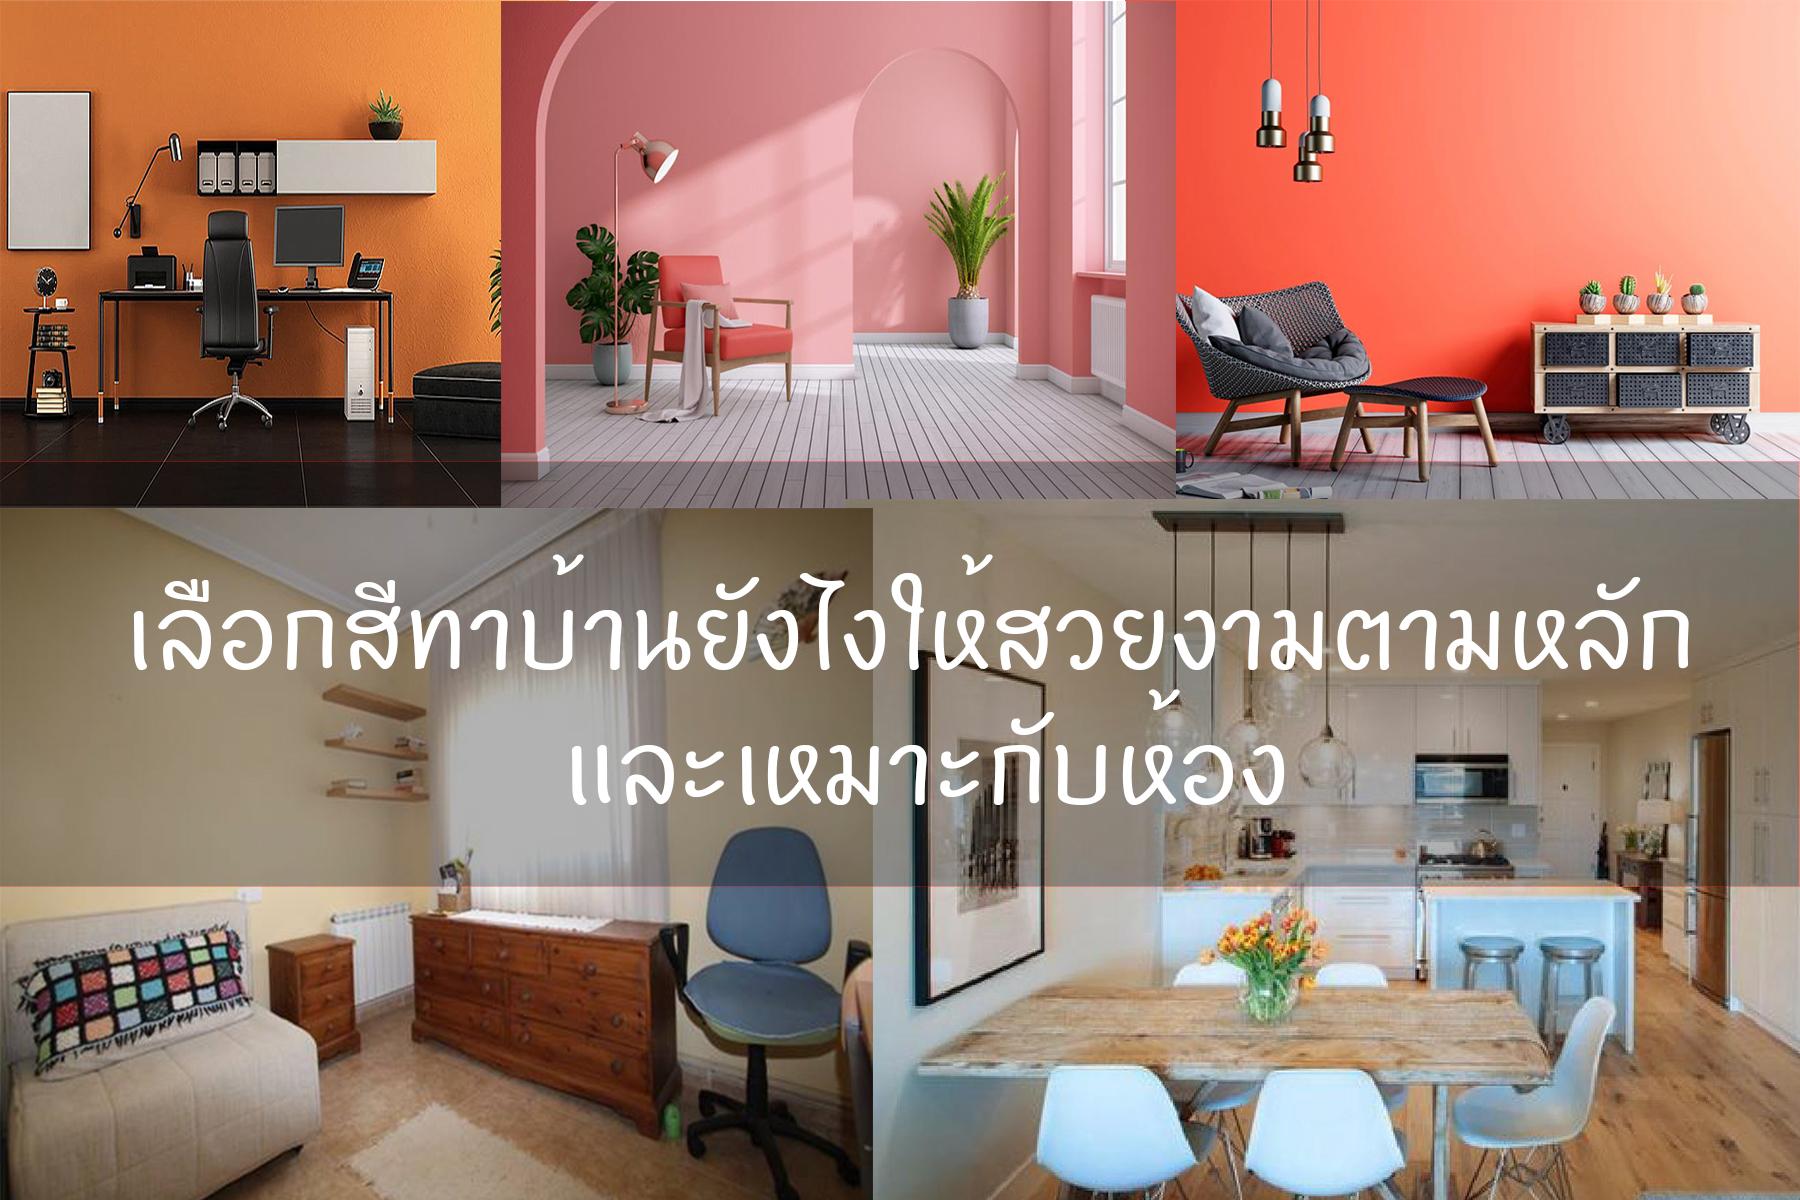 เลือกสีทาบ้านยังไงให้สวยงามตามหลัก และเหมาะกับห้อง